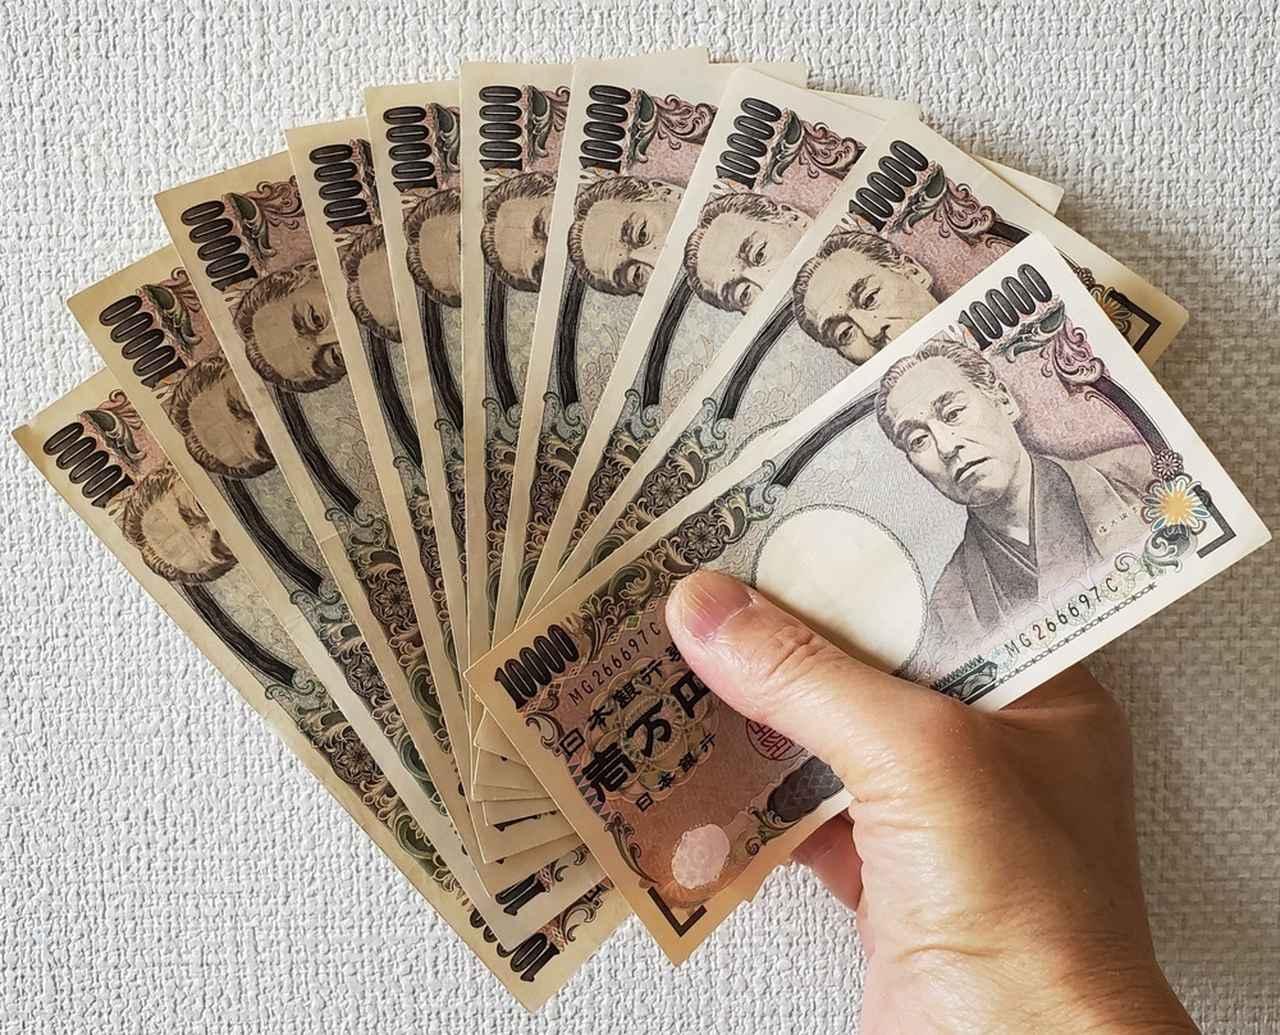 画像: 10万円給付申請、郵送呼び掛け オンライン不備続出で自治体(共同通信) - Yahoo!ニュース